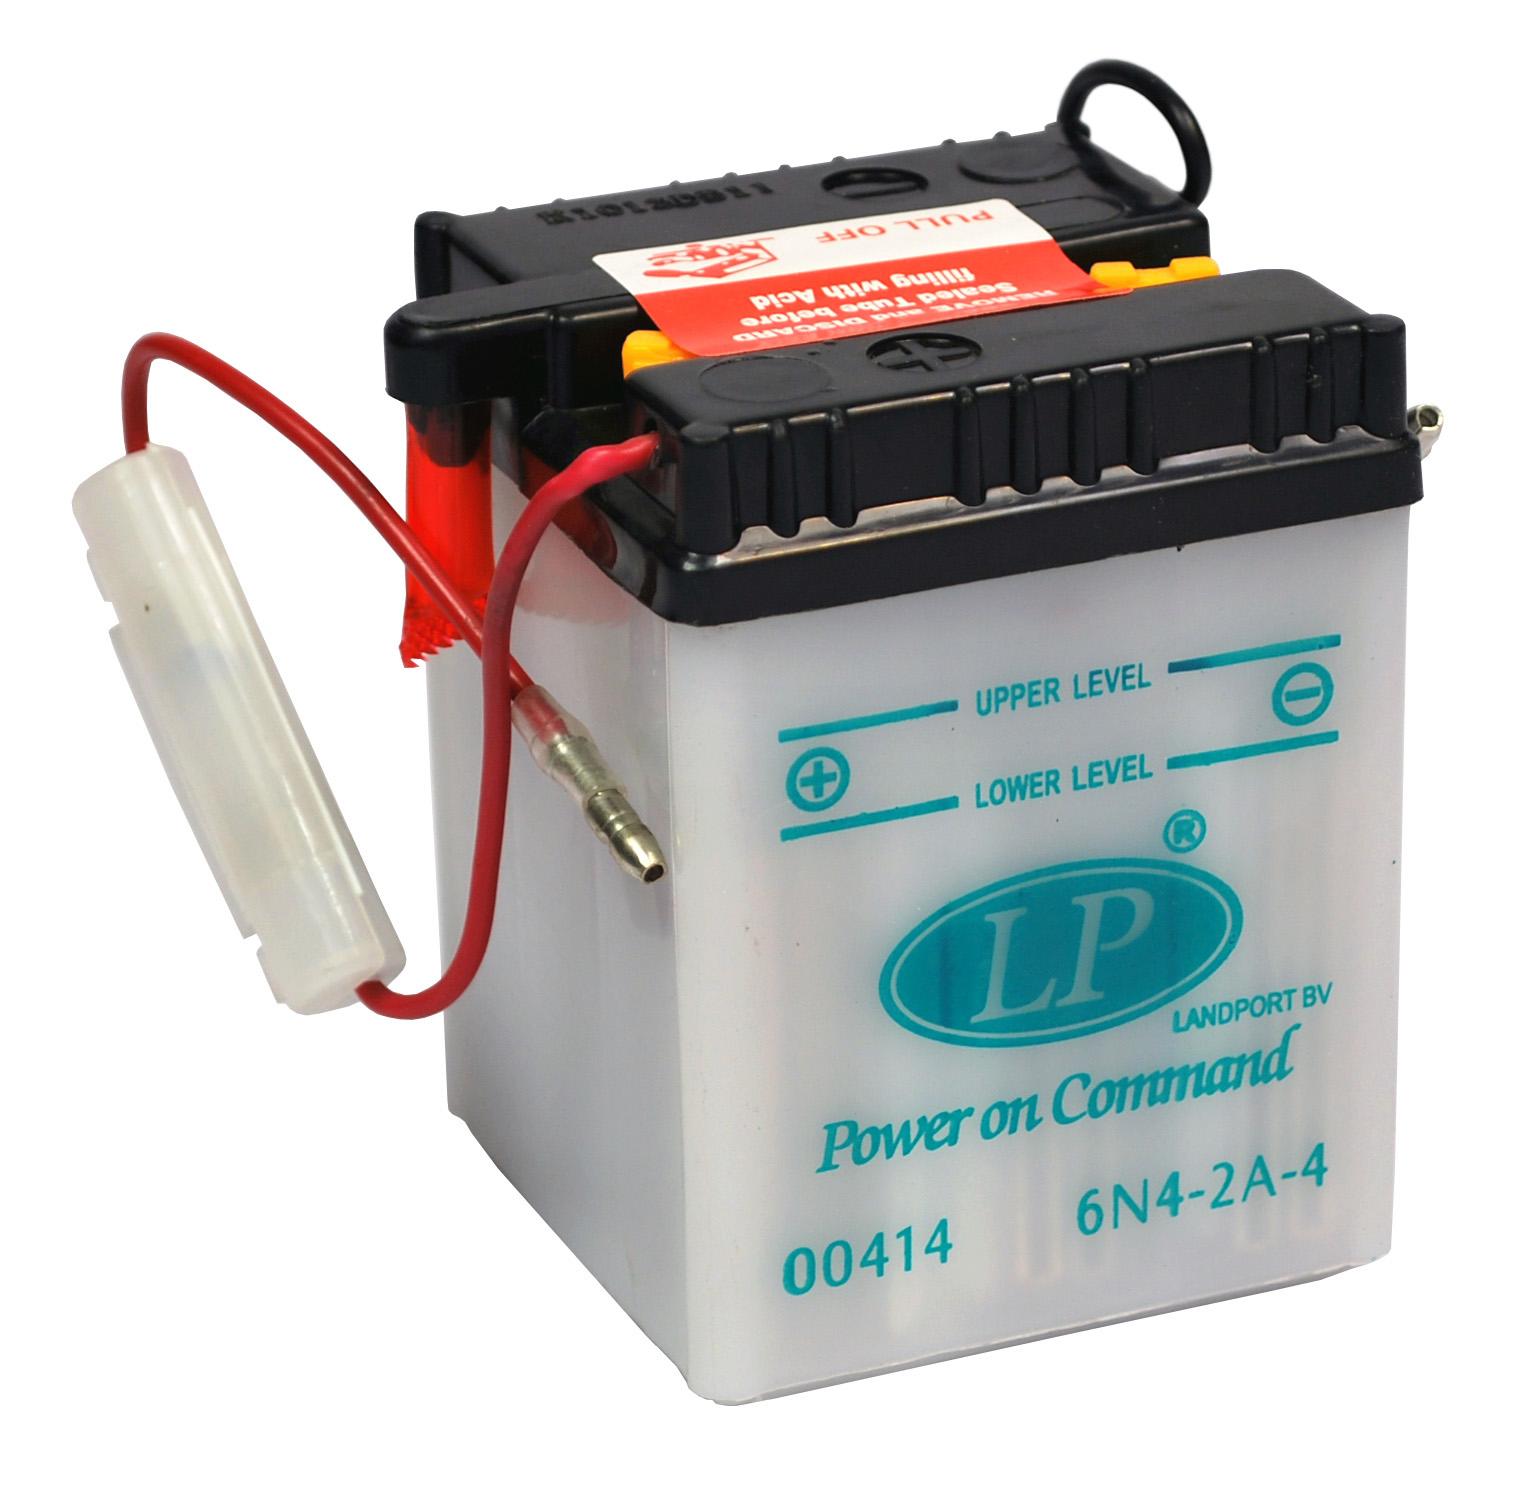 6N4-2A-4 motor accu met zuurpakket